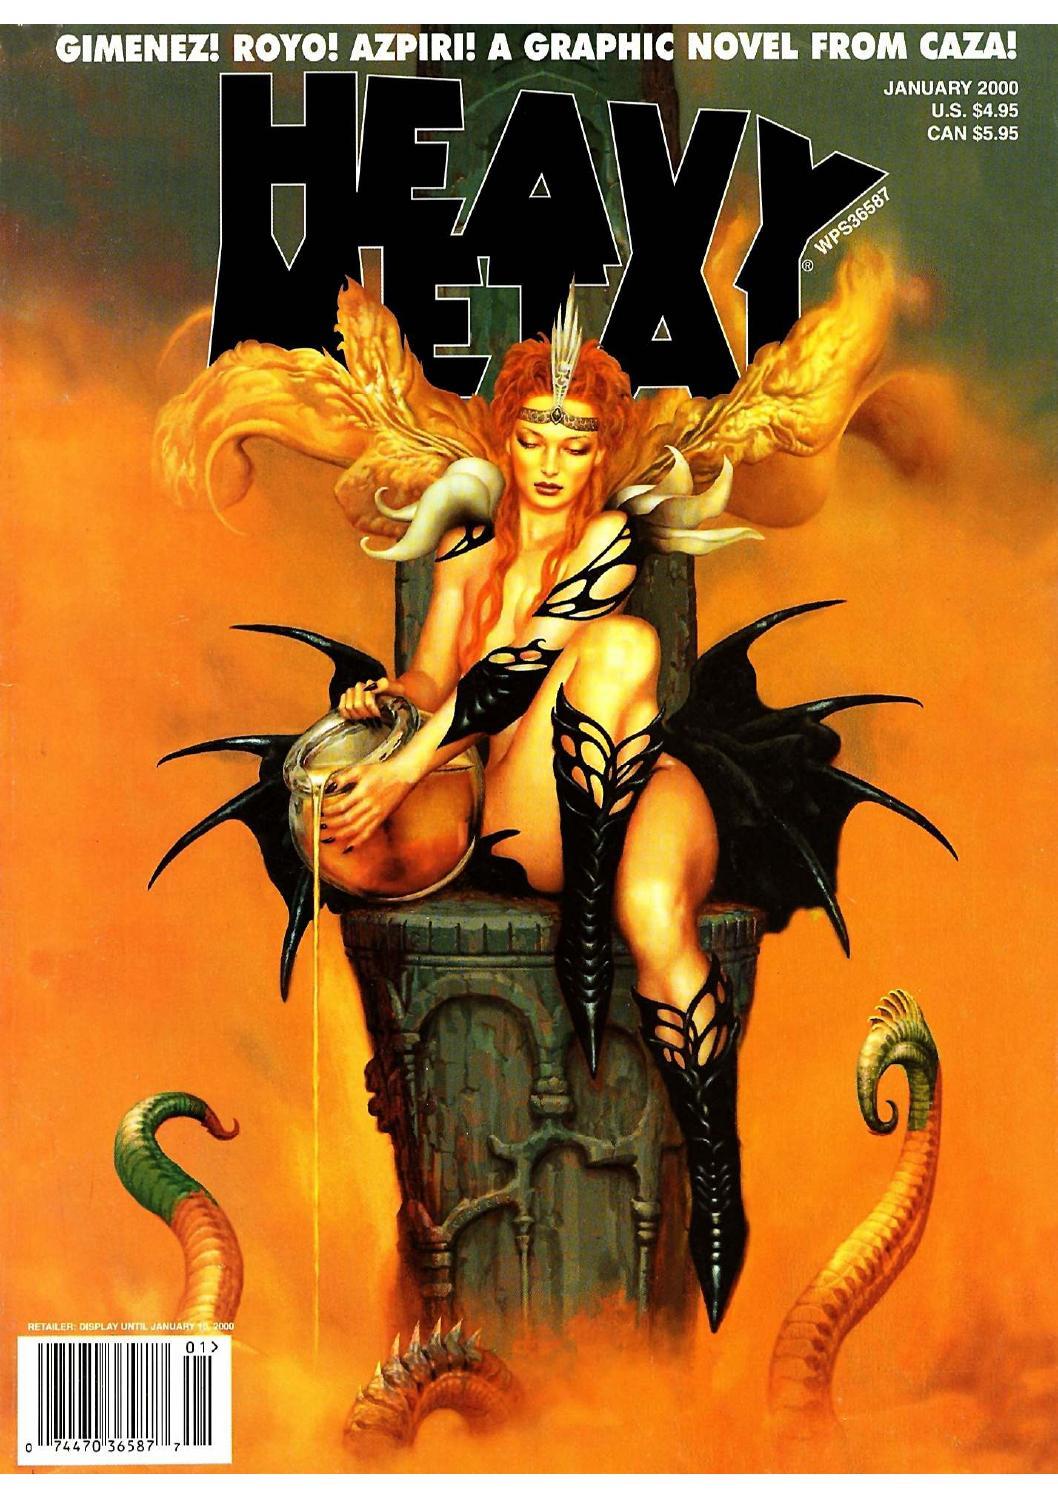 Heavy metal fan art cover by dapao